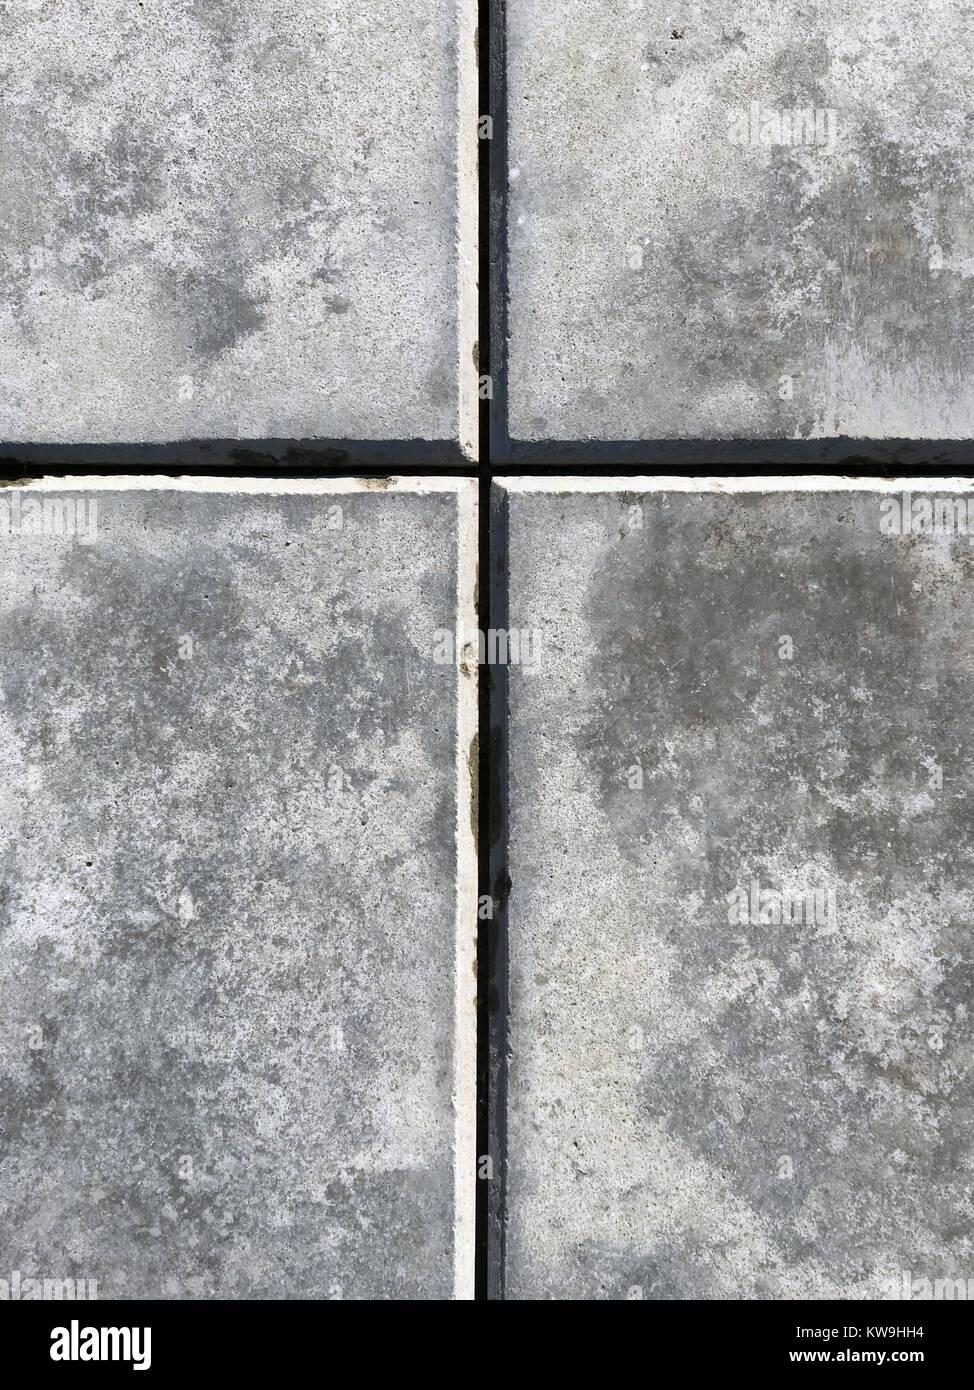 Superficie de piedra con textura Natrally Foto de stock